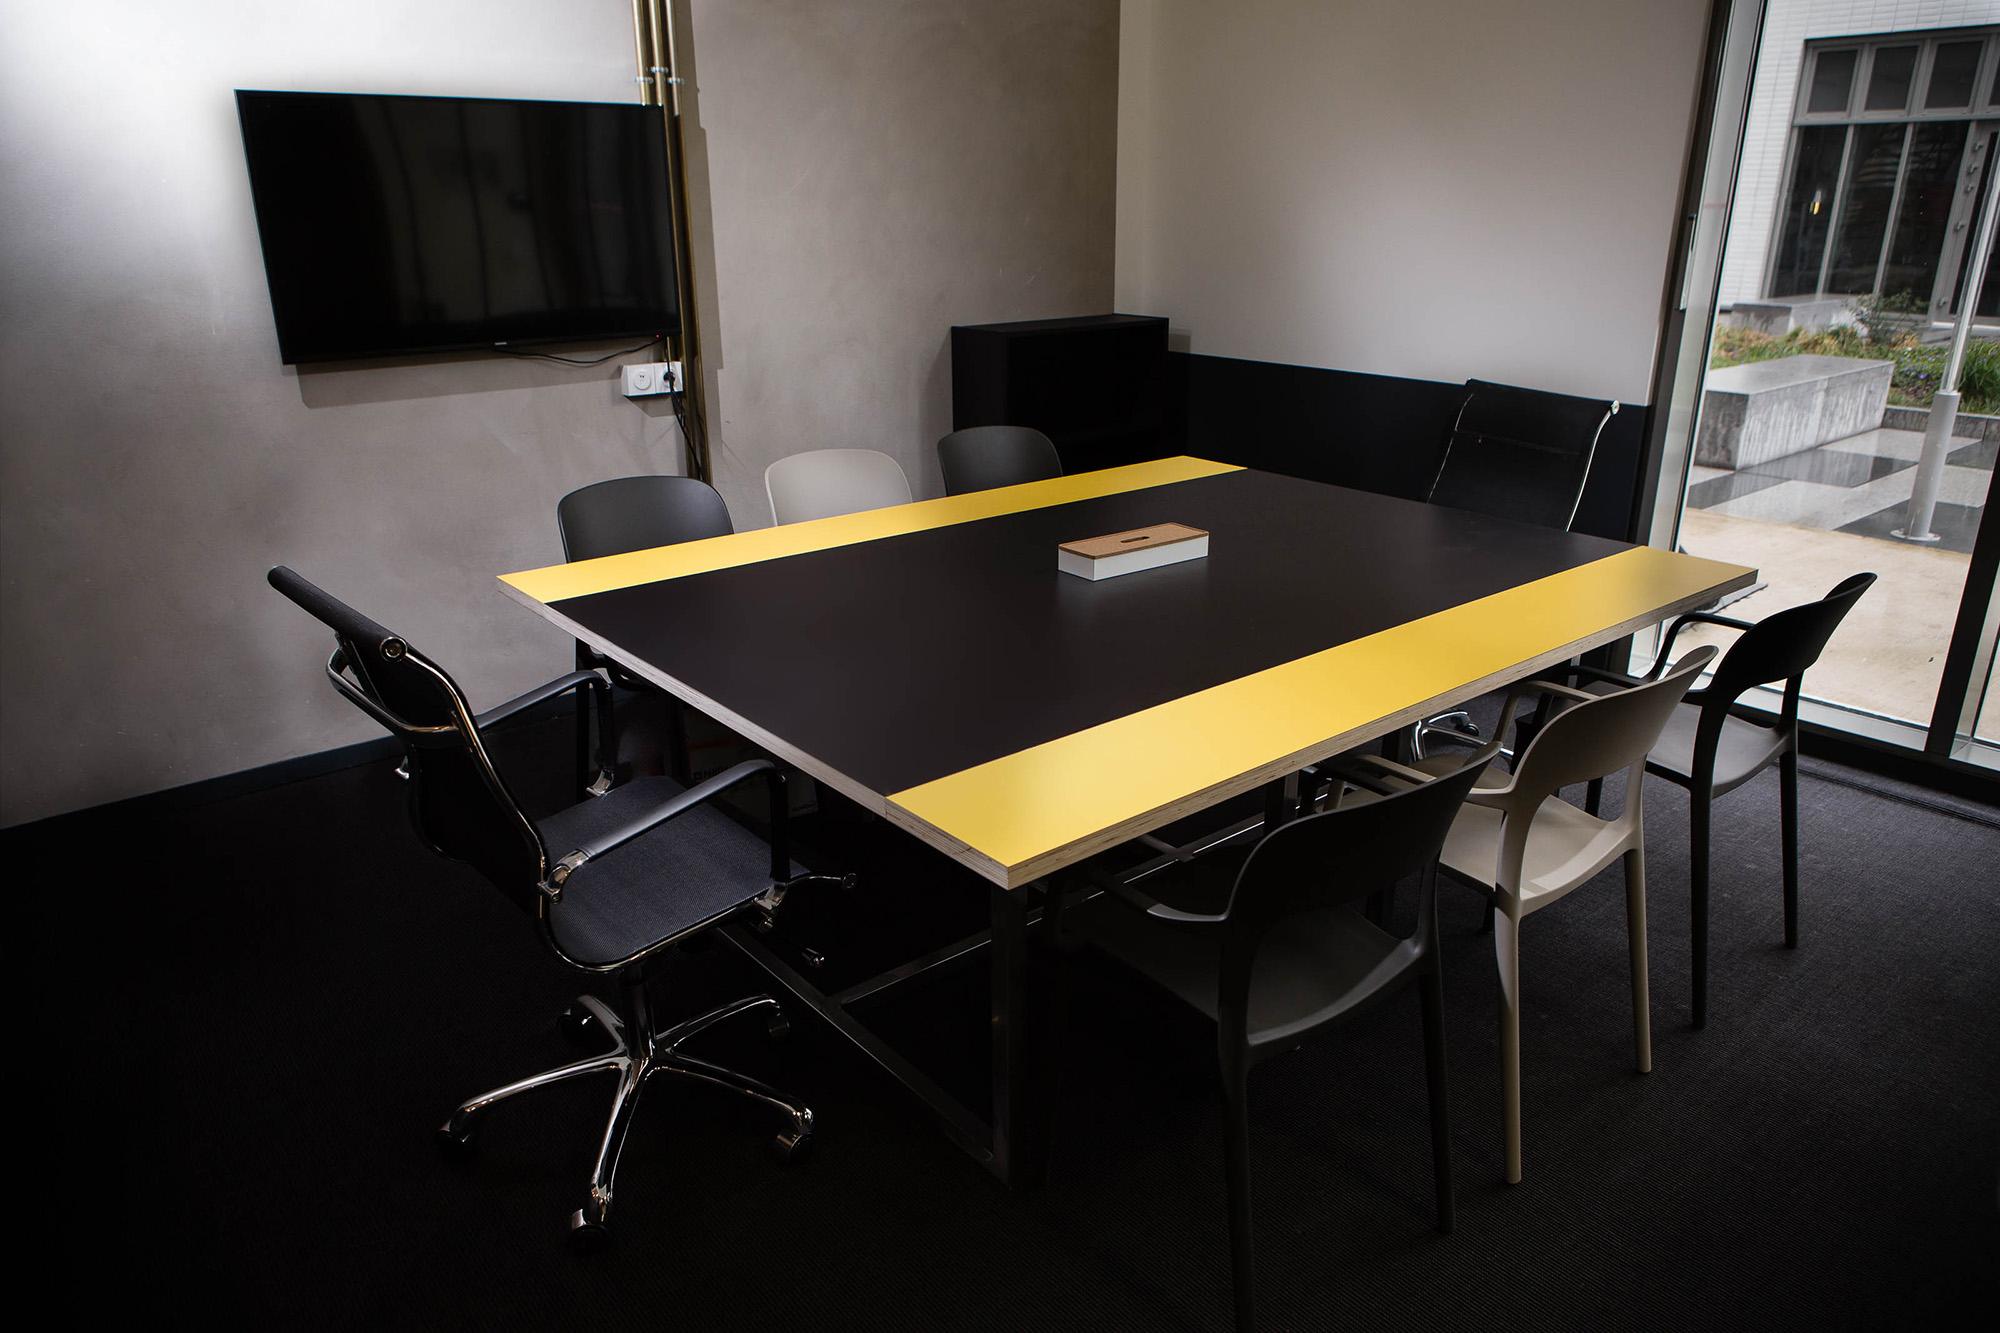 Location salle de r union paris bastille m tro br guet - Bureau change bastille ...